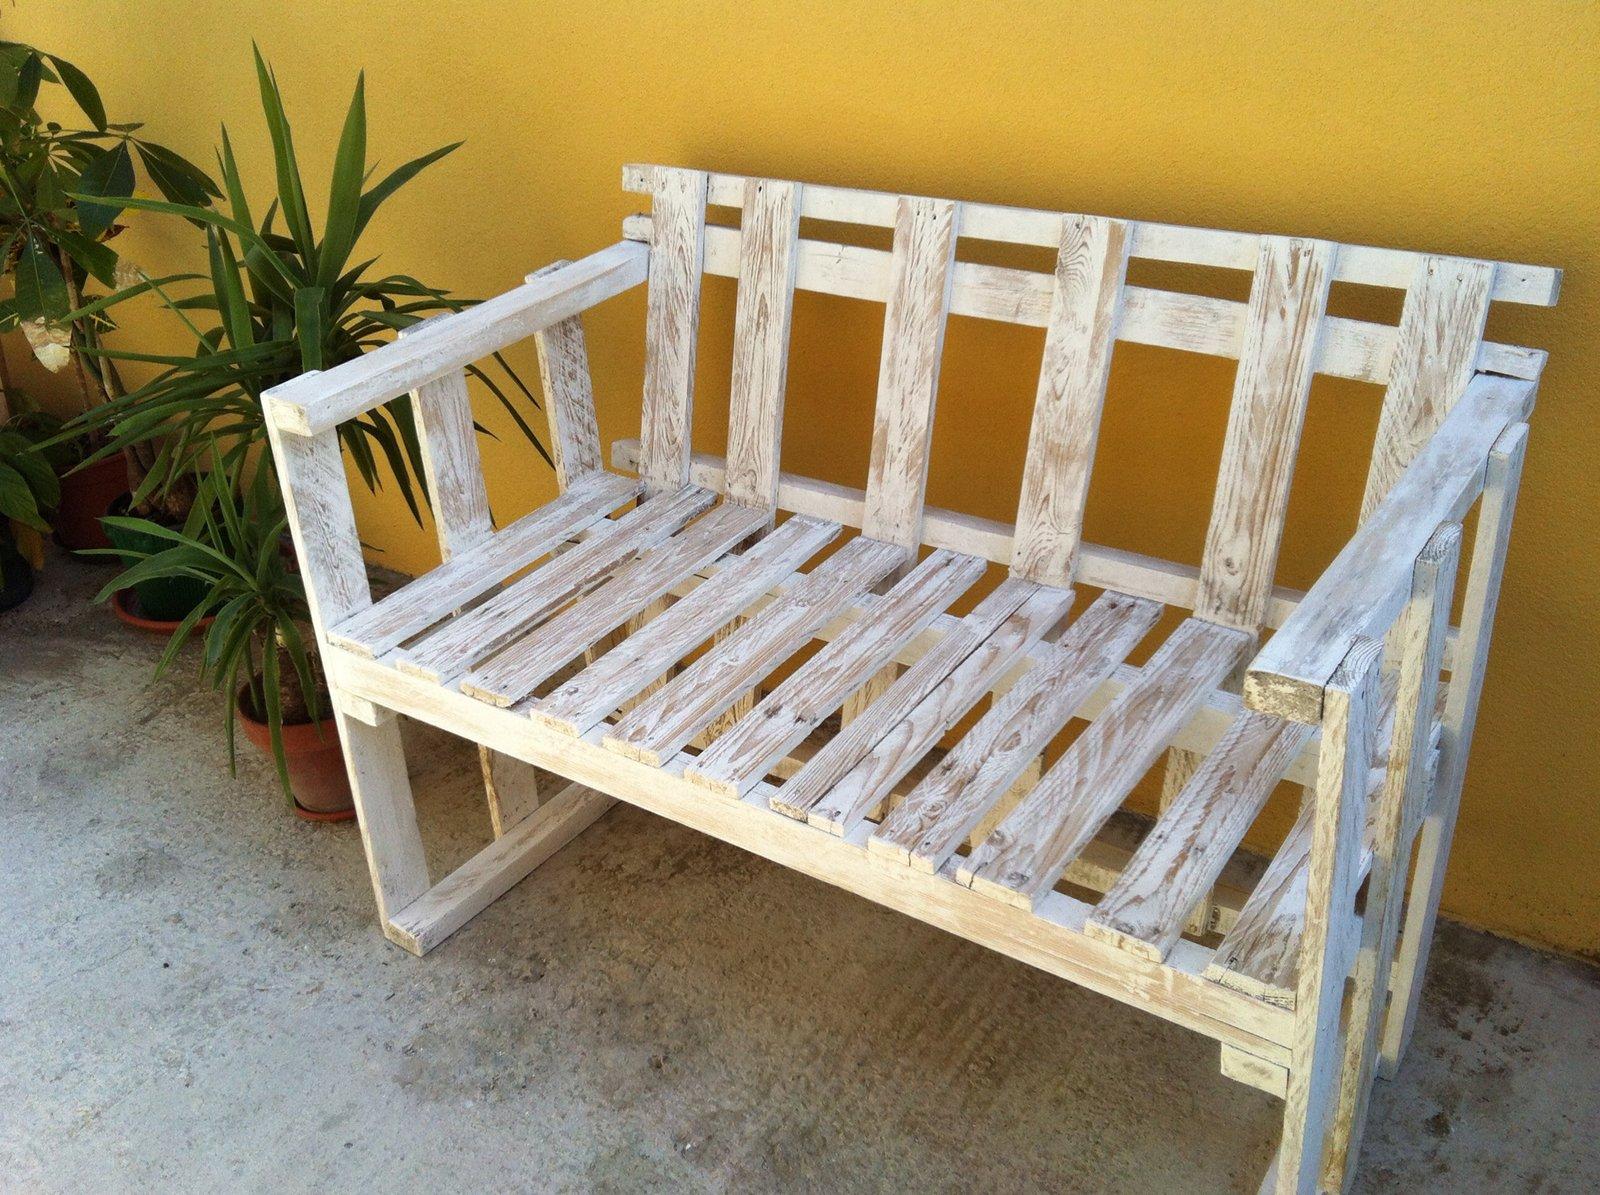 Il divanetto per esterni in stile shabby cose di casa for Divanetto in legno per esterno